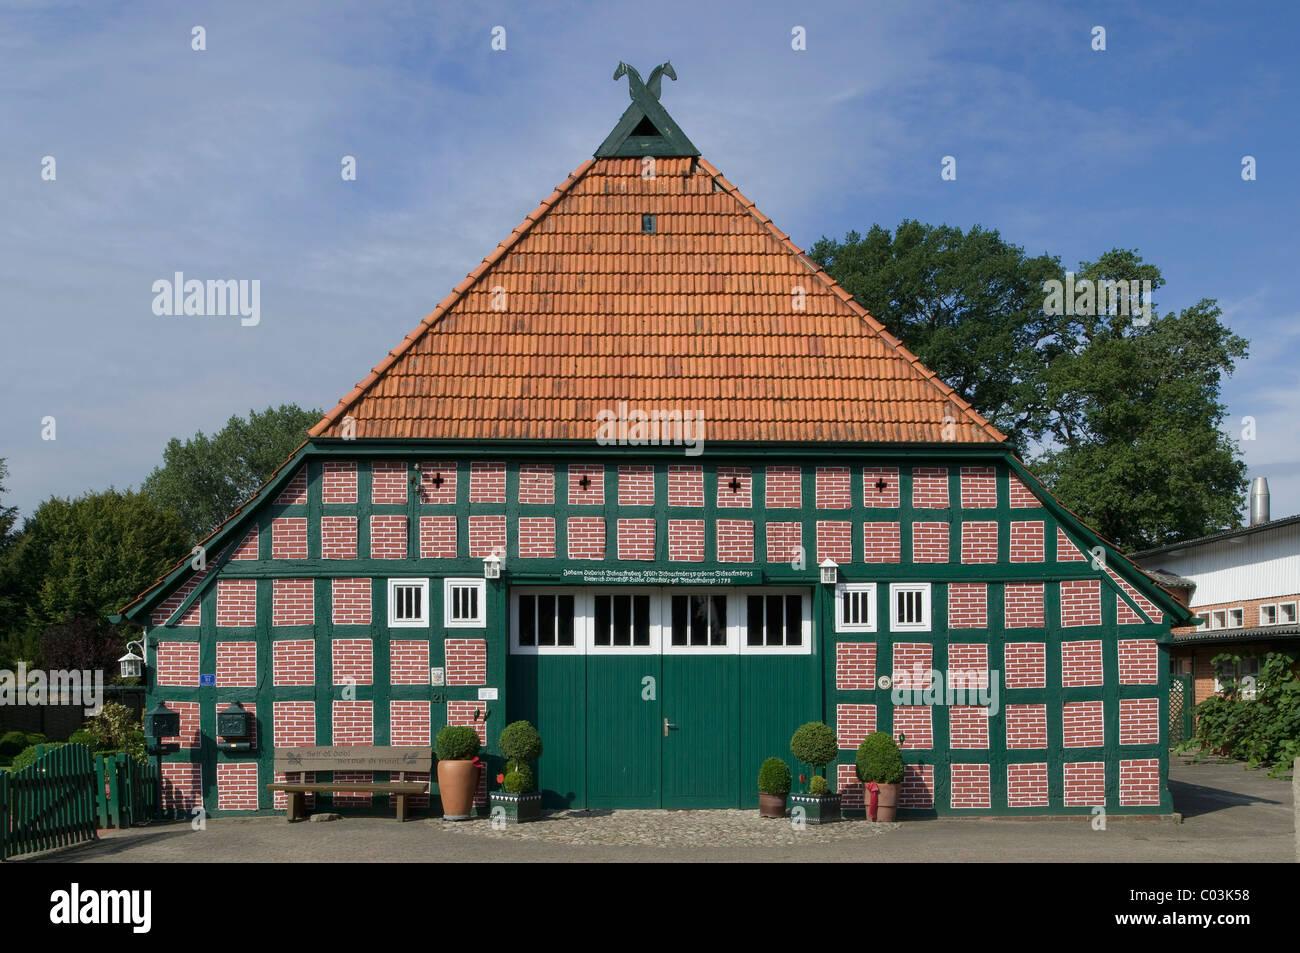 Amtsschreibershof, Schreiber Gebäude, erbaut im Jahre 1793, restaurierten Fachwerkbau, Wuemme Rothenburg Bezirk Stockbild